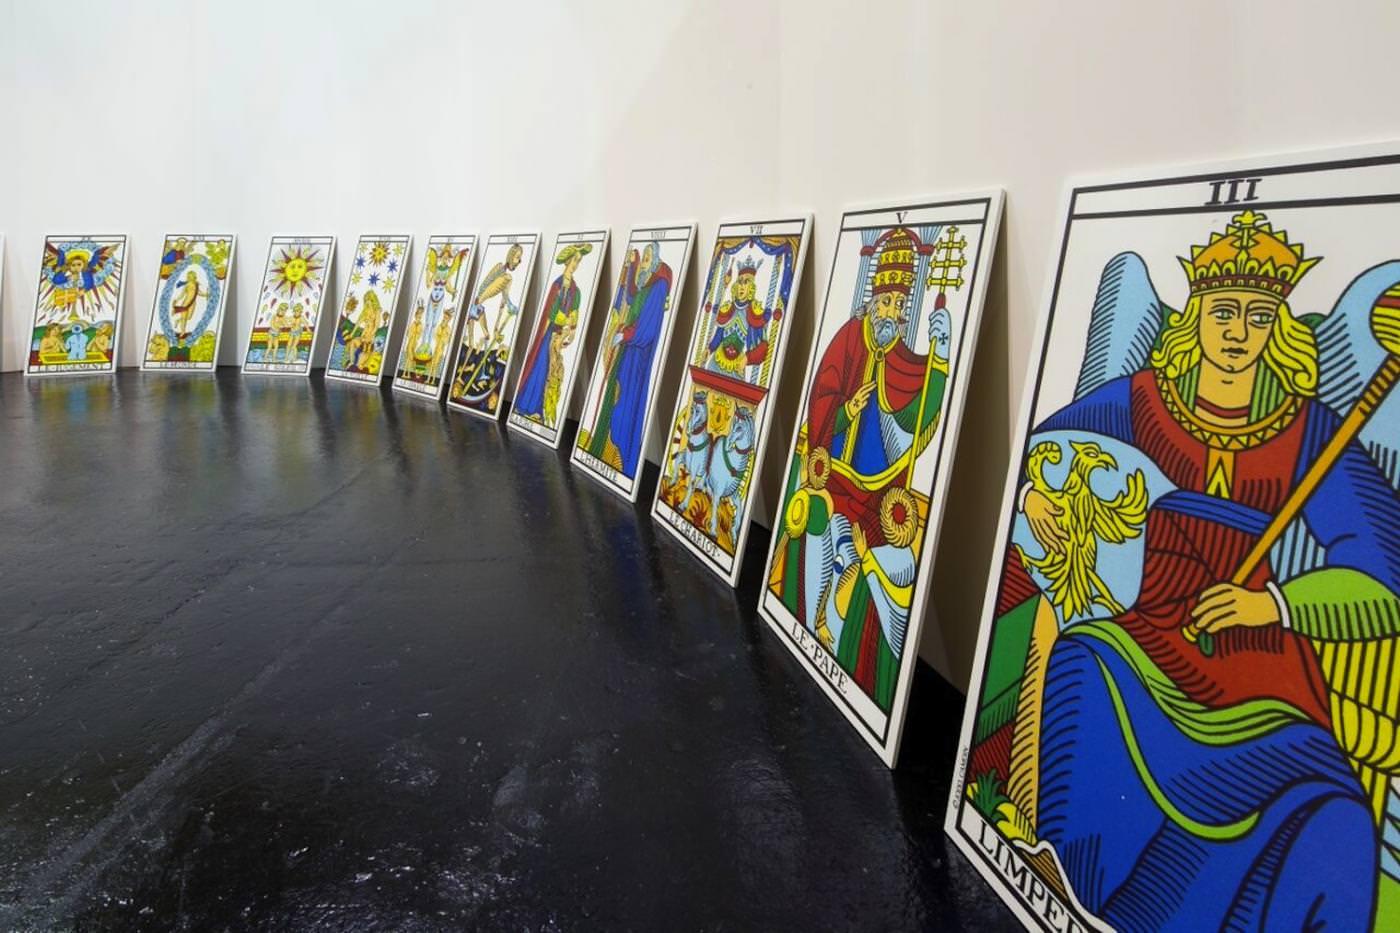 Première rétrospective de l'artiste fantasque Alejandro Jodorowsky au CAPC de Bordeaux